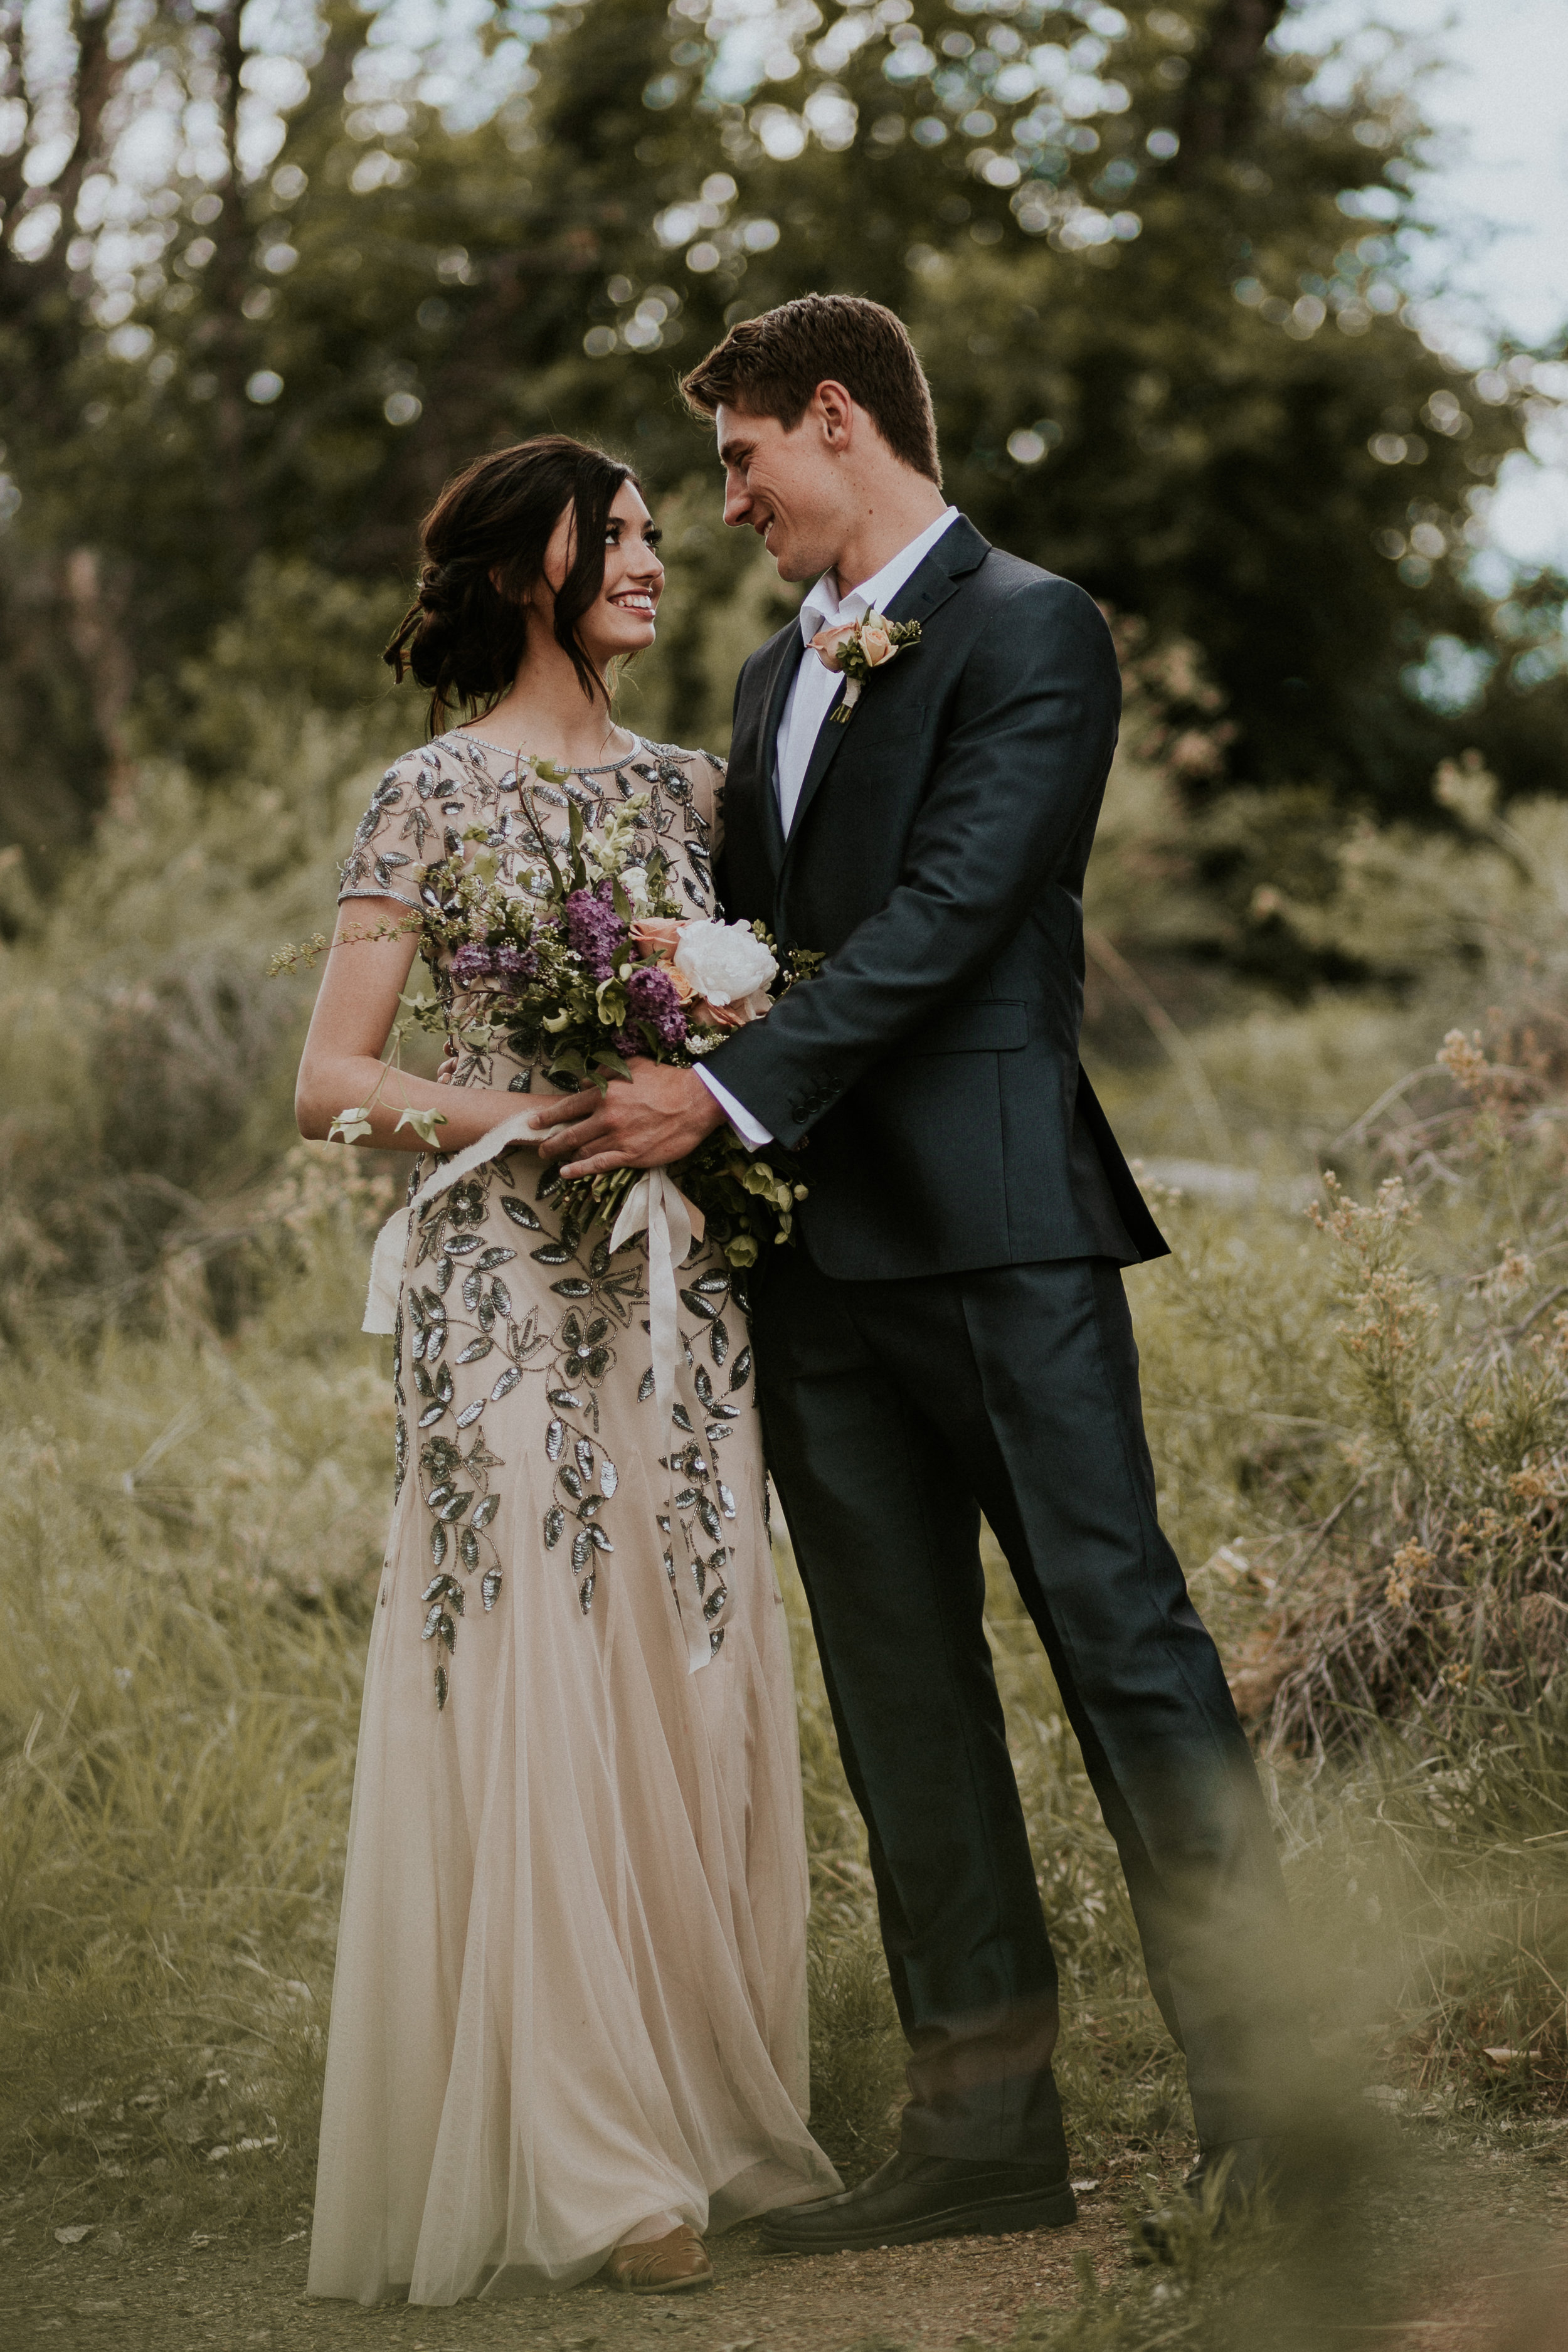 Denver-wedding-hairstylist-updo-artist-traveling-stylist